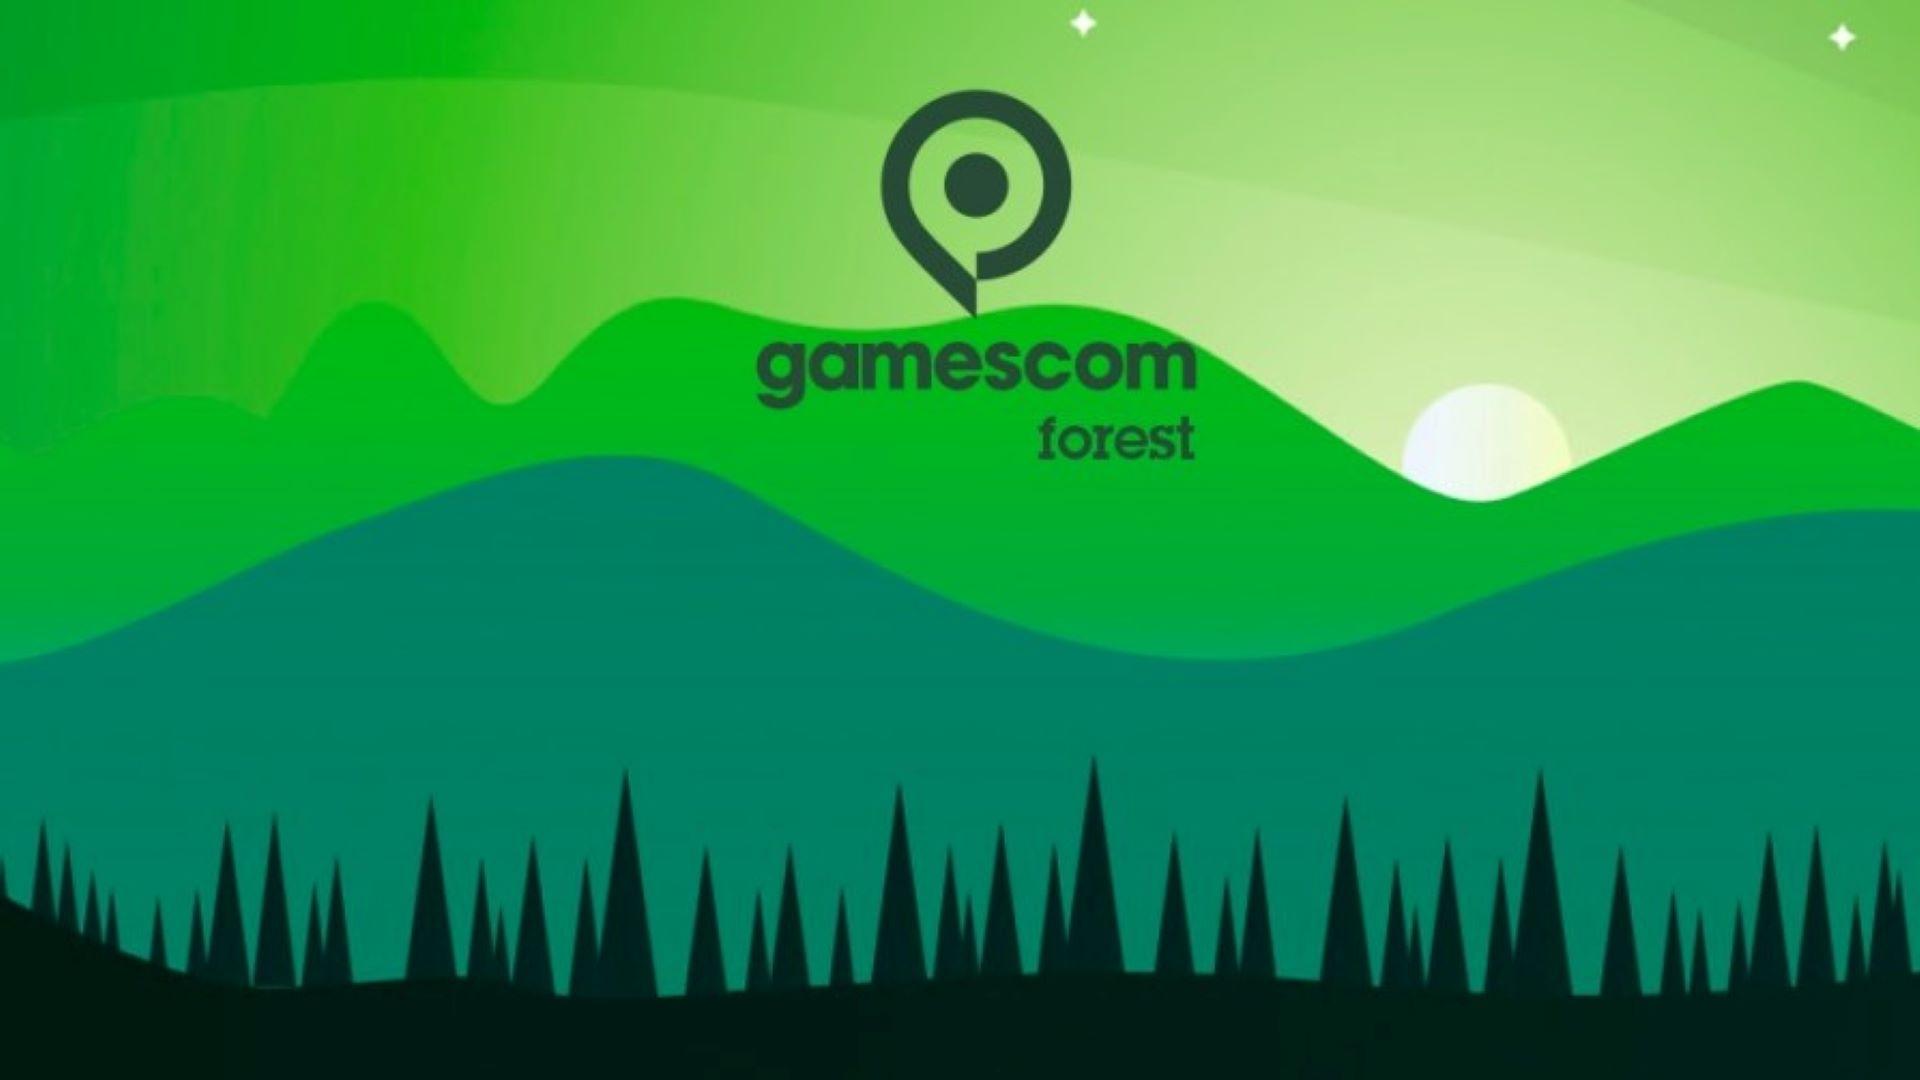 gamescom 2021 - gamescom forest